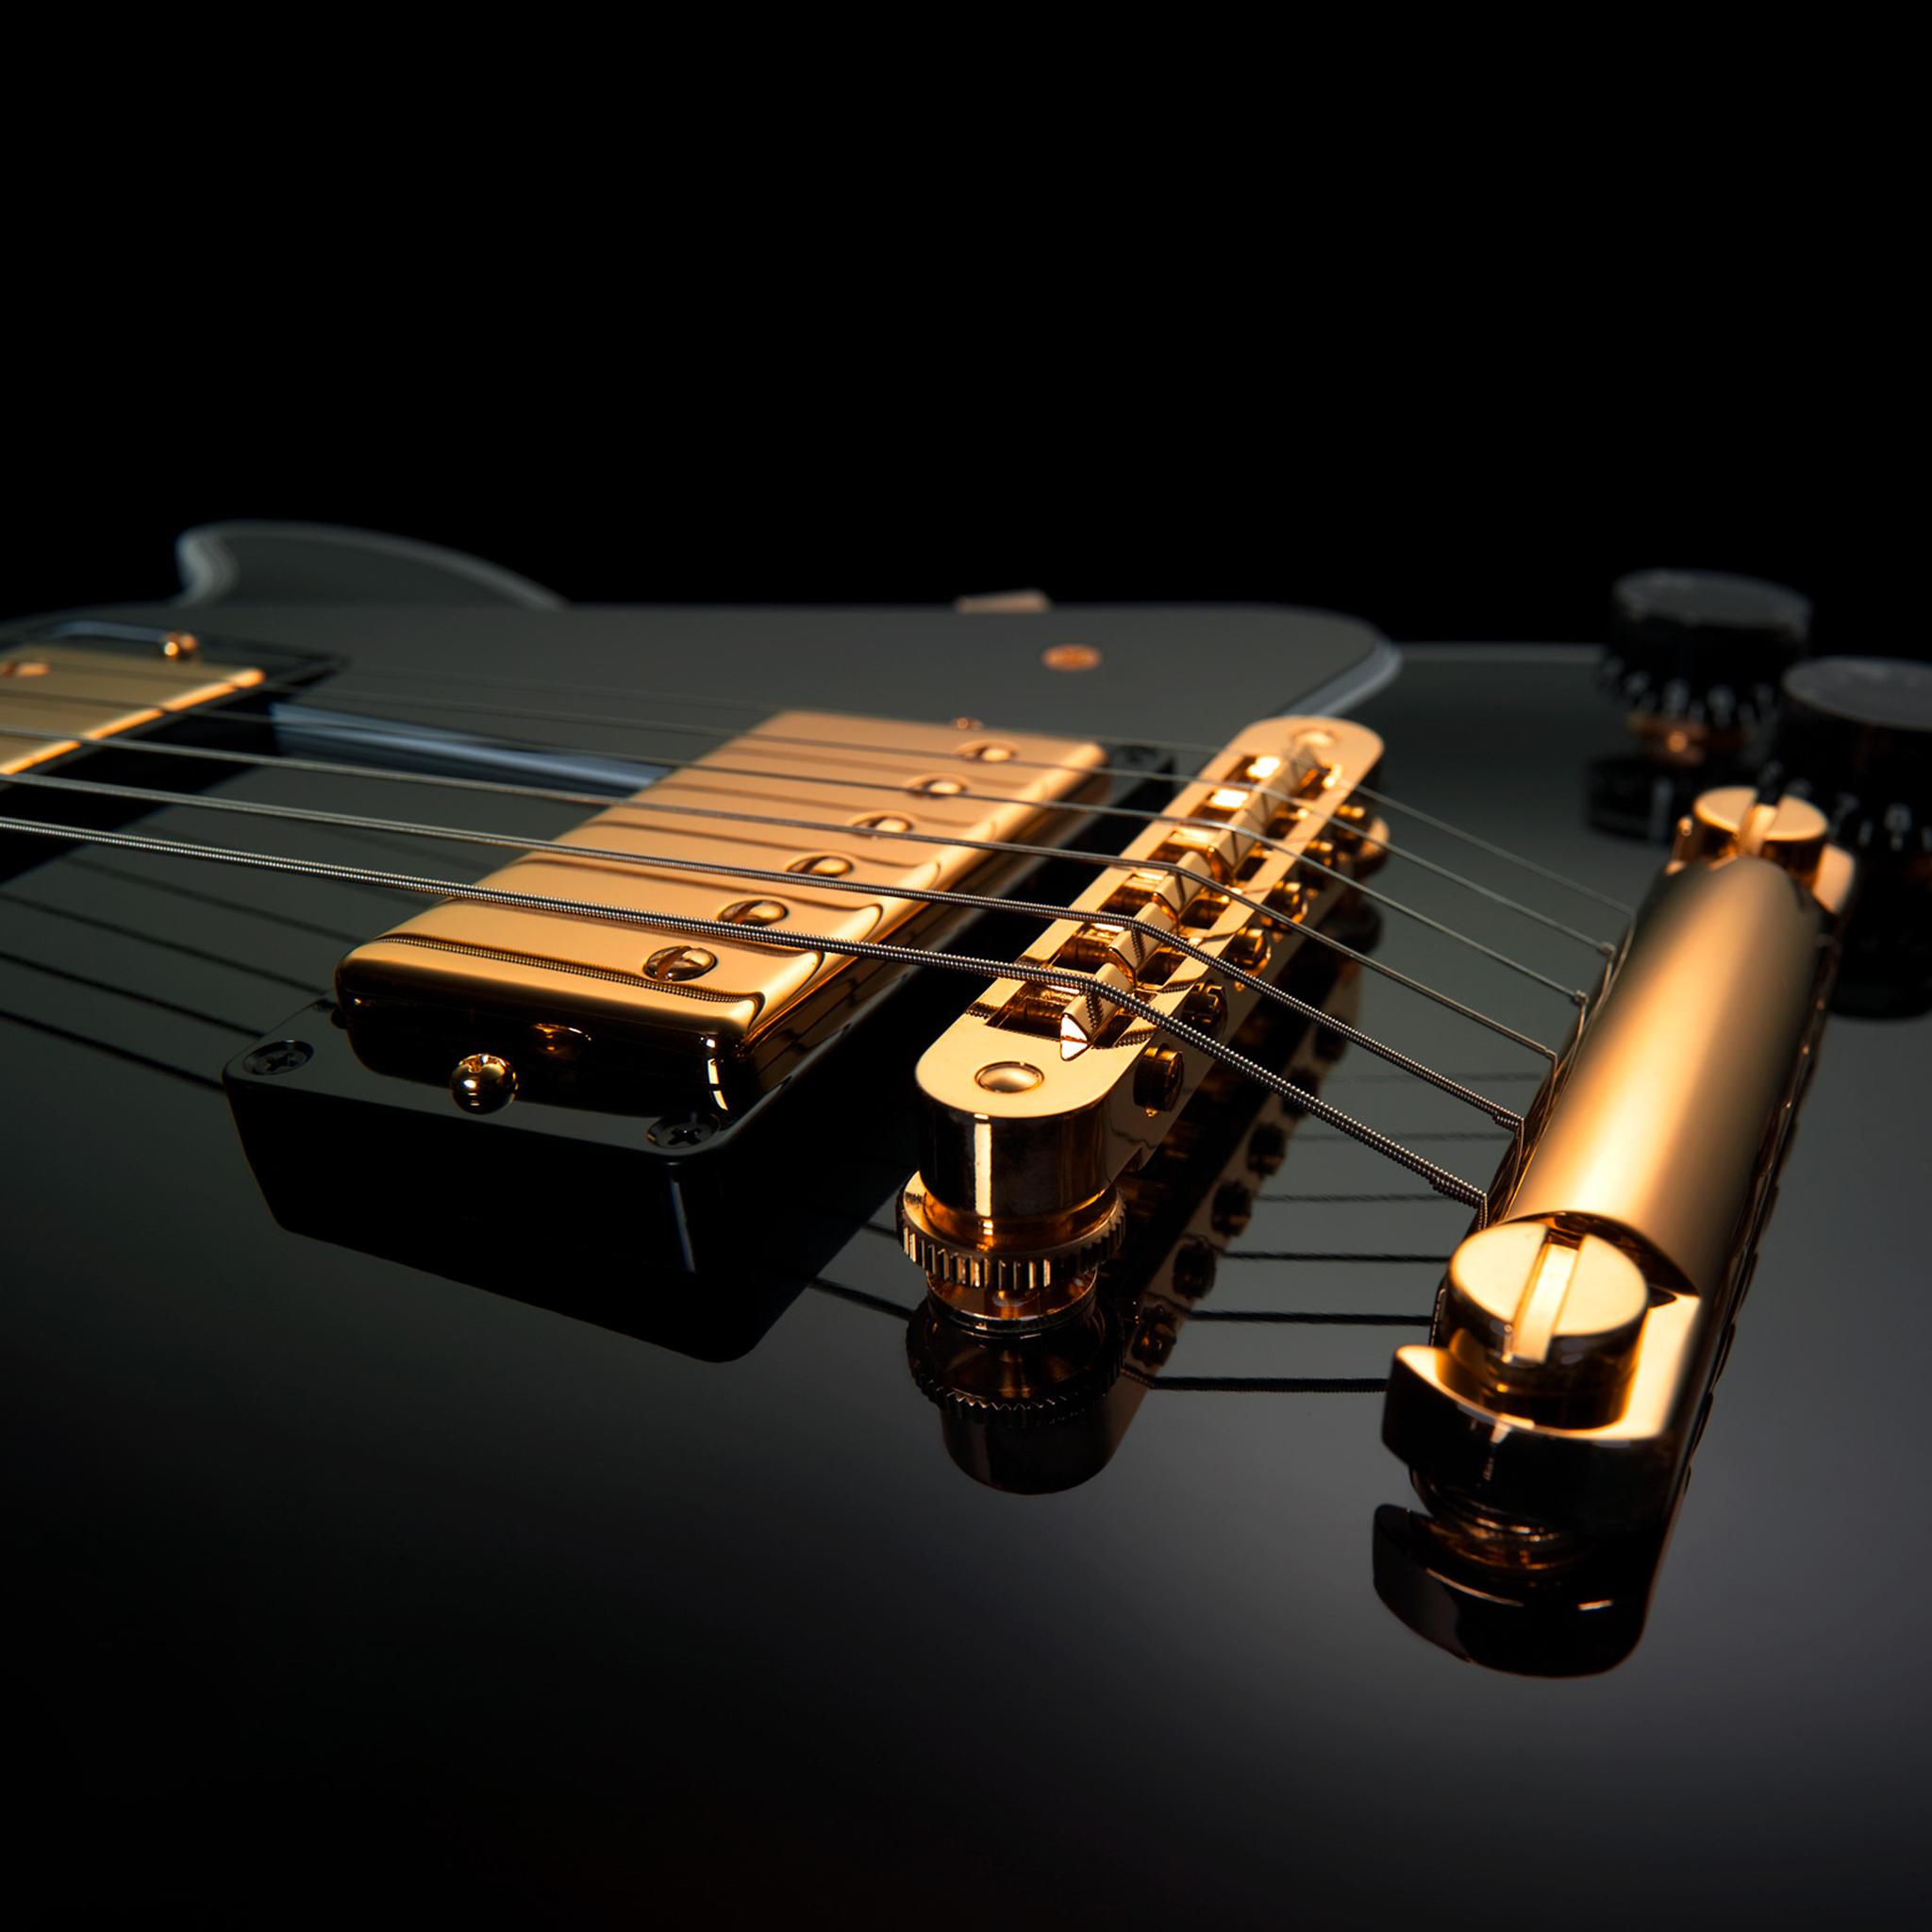 Electric-Guitar-3Wallpapers-iPad-Retina